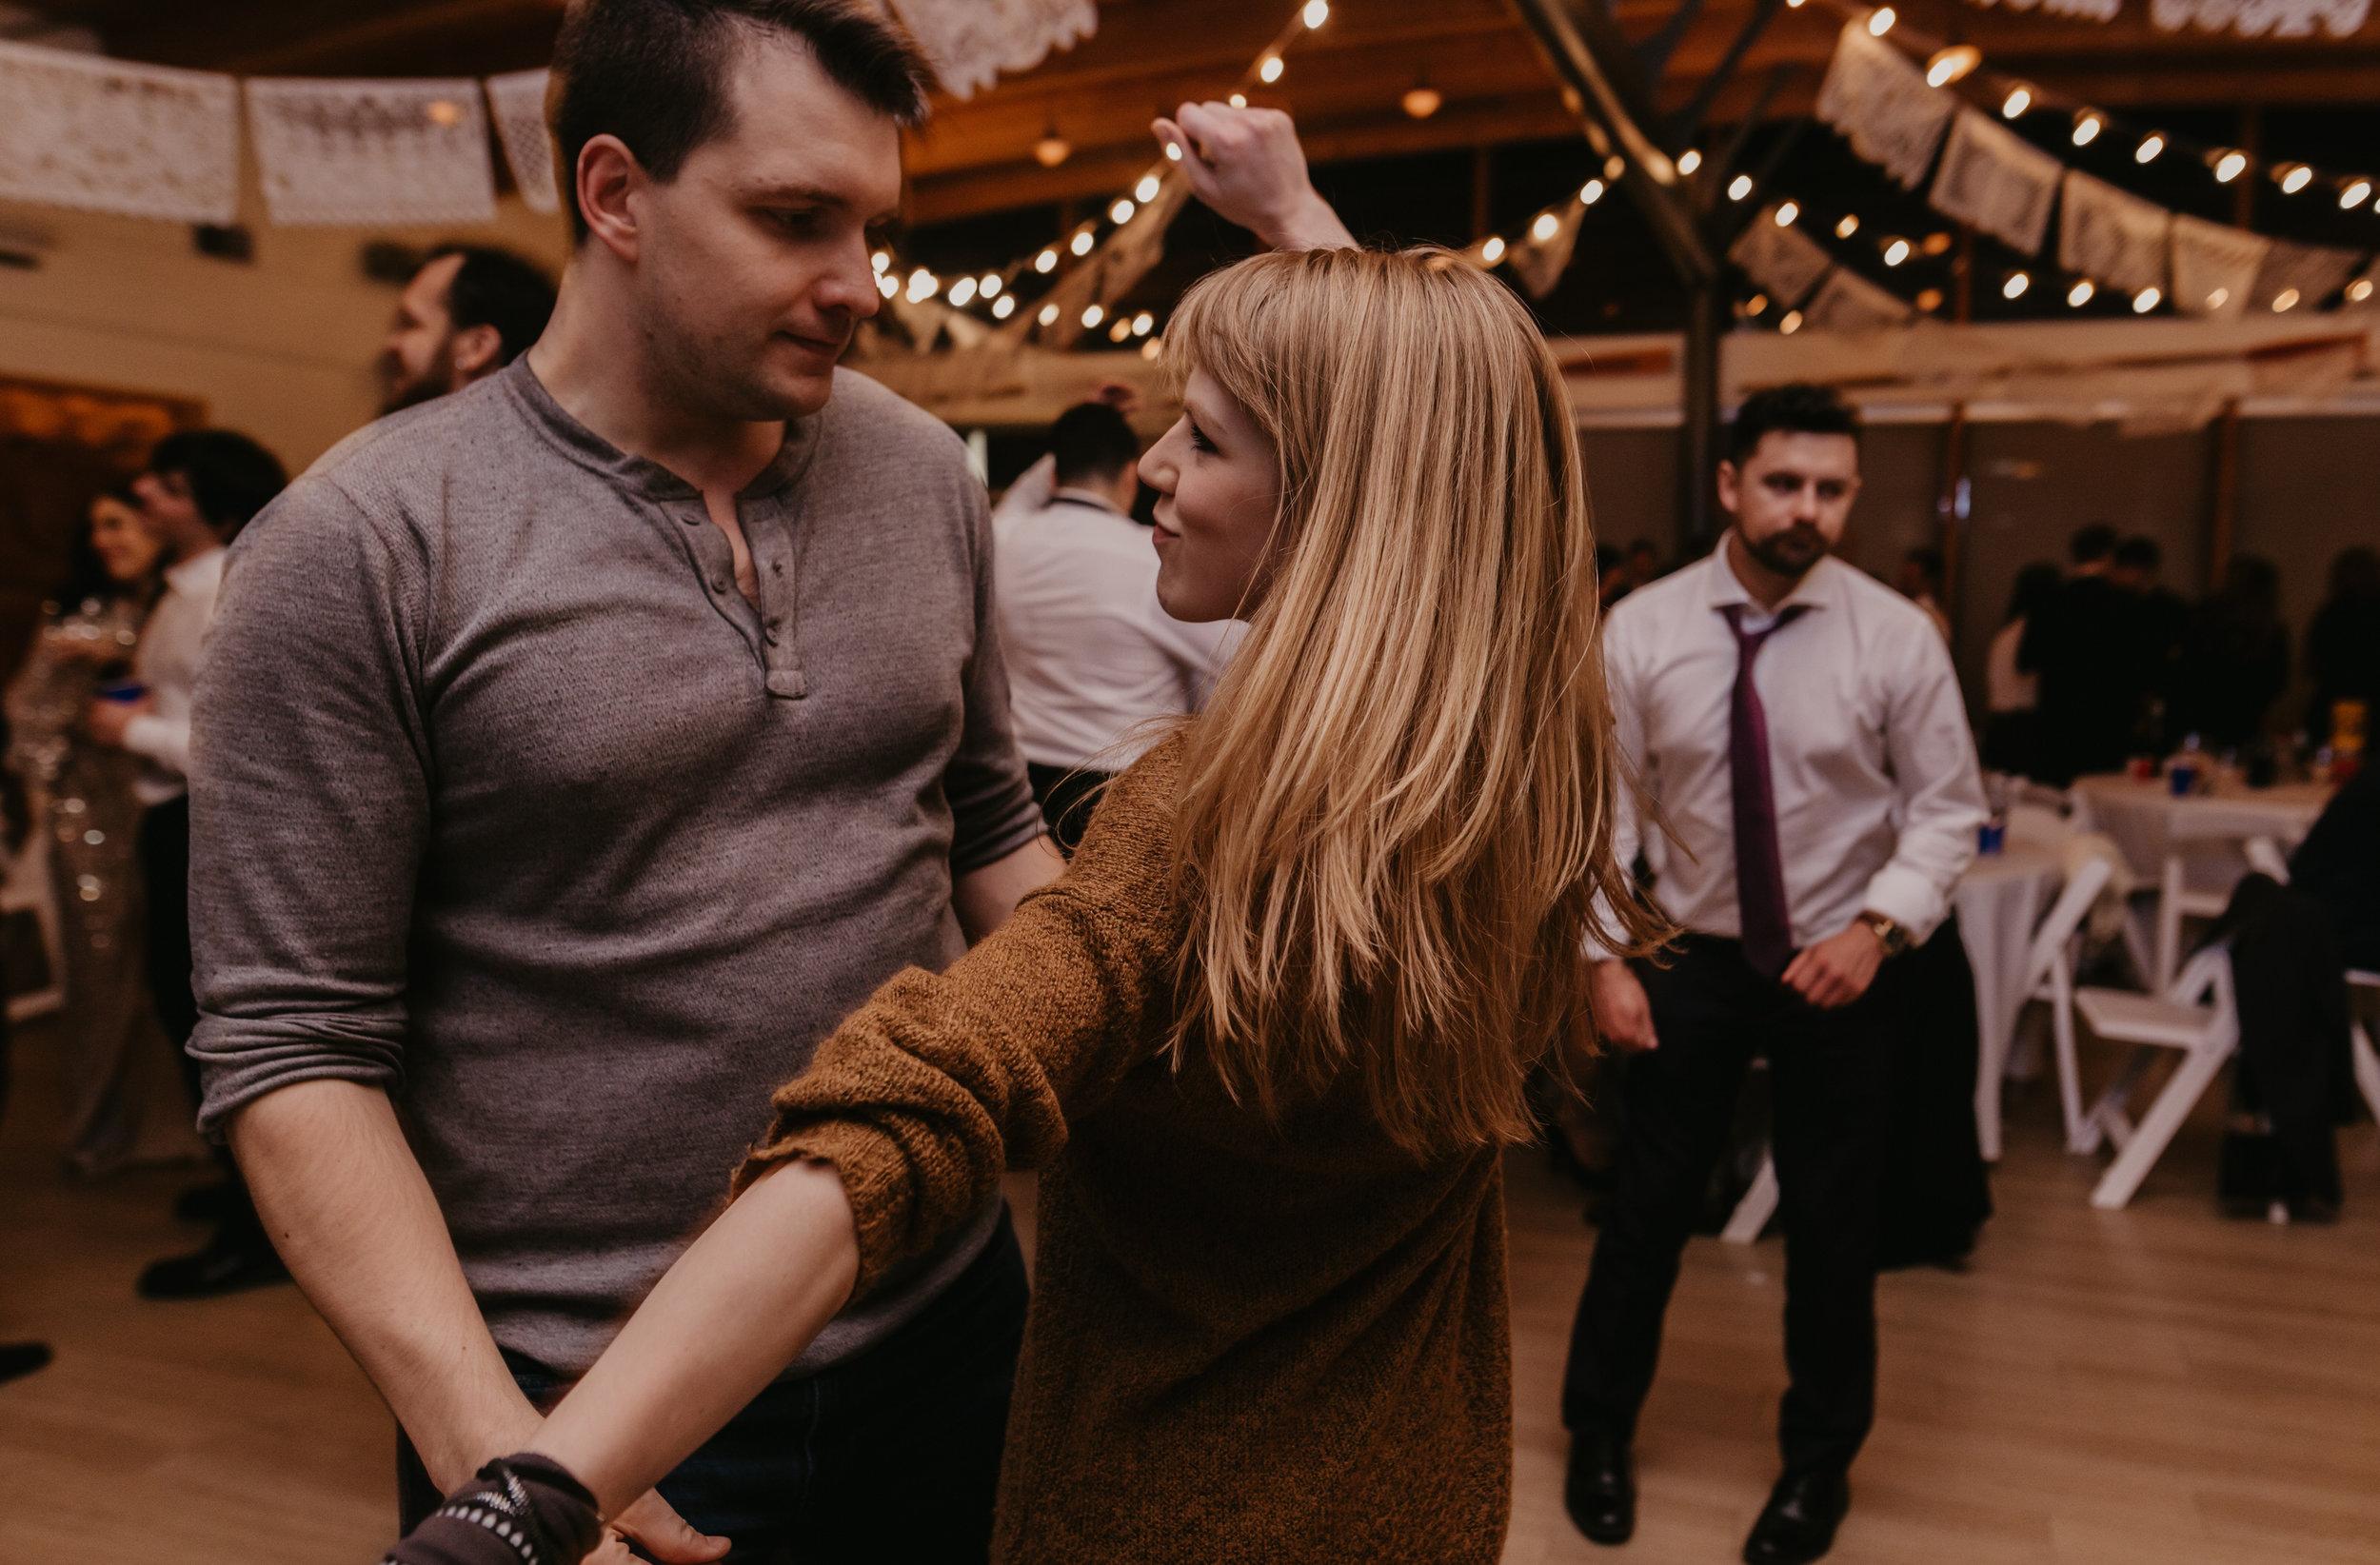 Vancouver New Years Eve Wedding - UBC Boathouse Wedding - Kitsilano Wedding Photos - Vancouver Wedding Photographer - Vancouver Wedding Videographer - 877.JPG